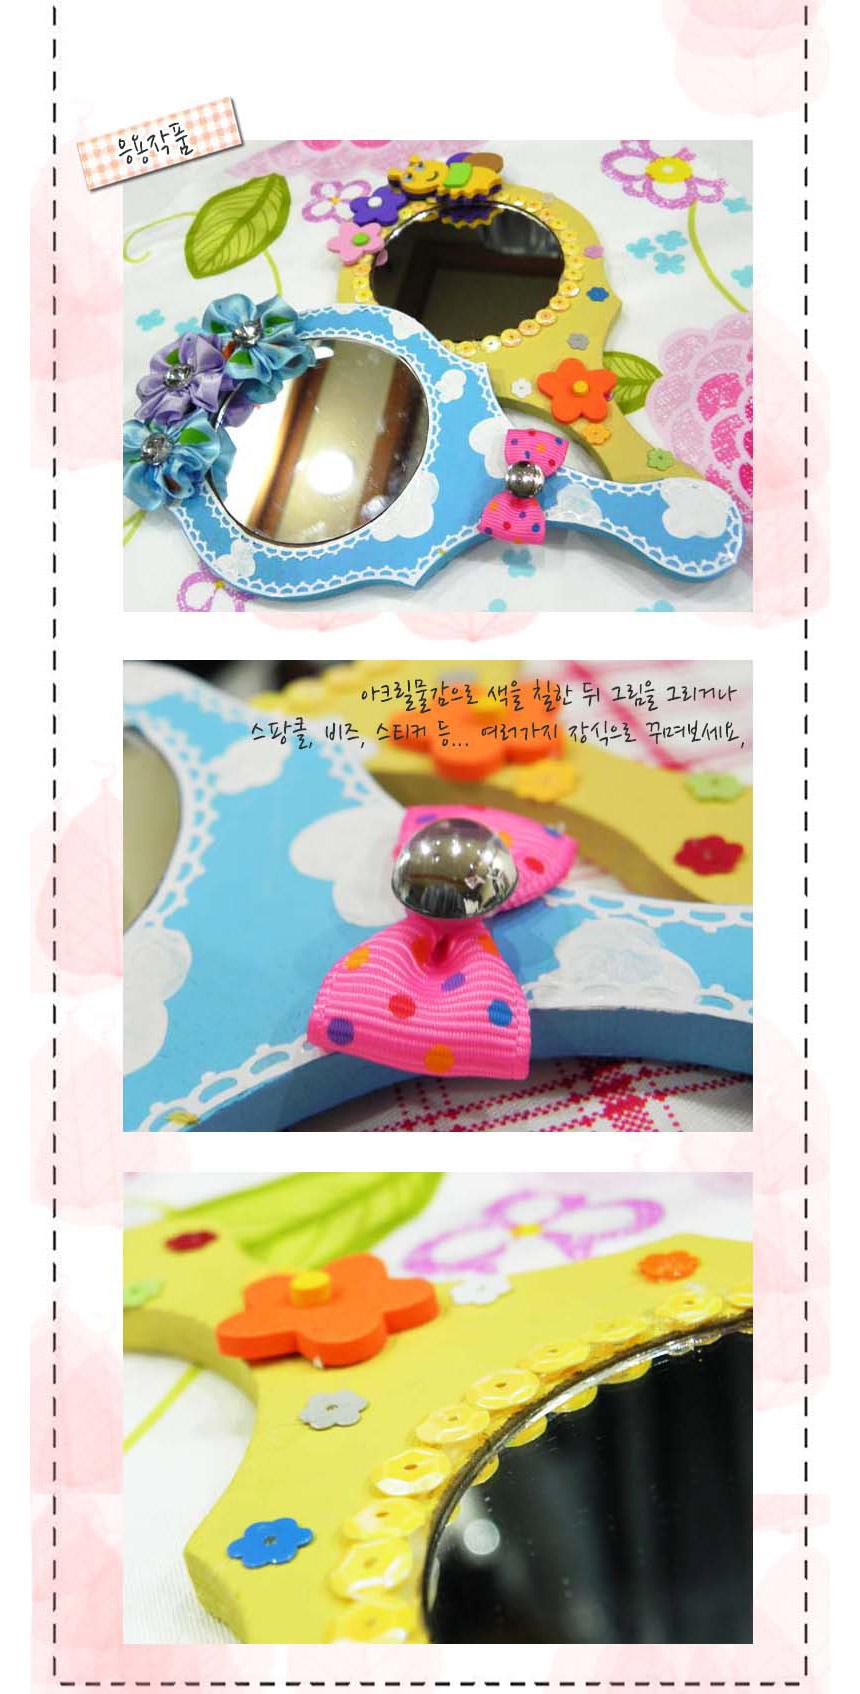 타원곡선 손거울(MDF) - 만꾸(만들기와 꾸미기), 1,200원, 우드공예, 우드공예 재료